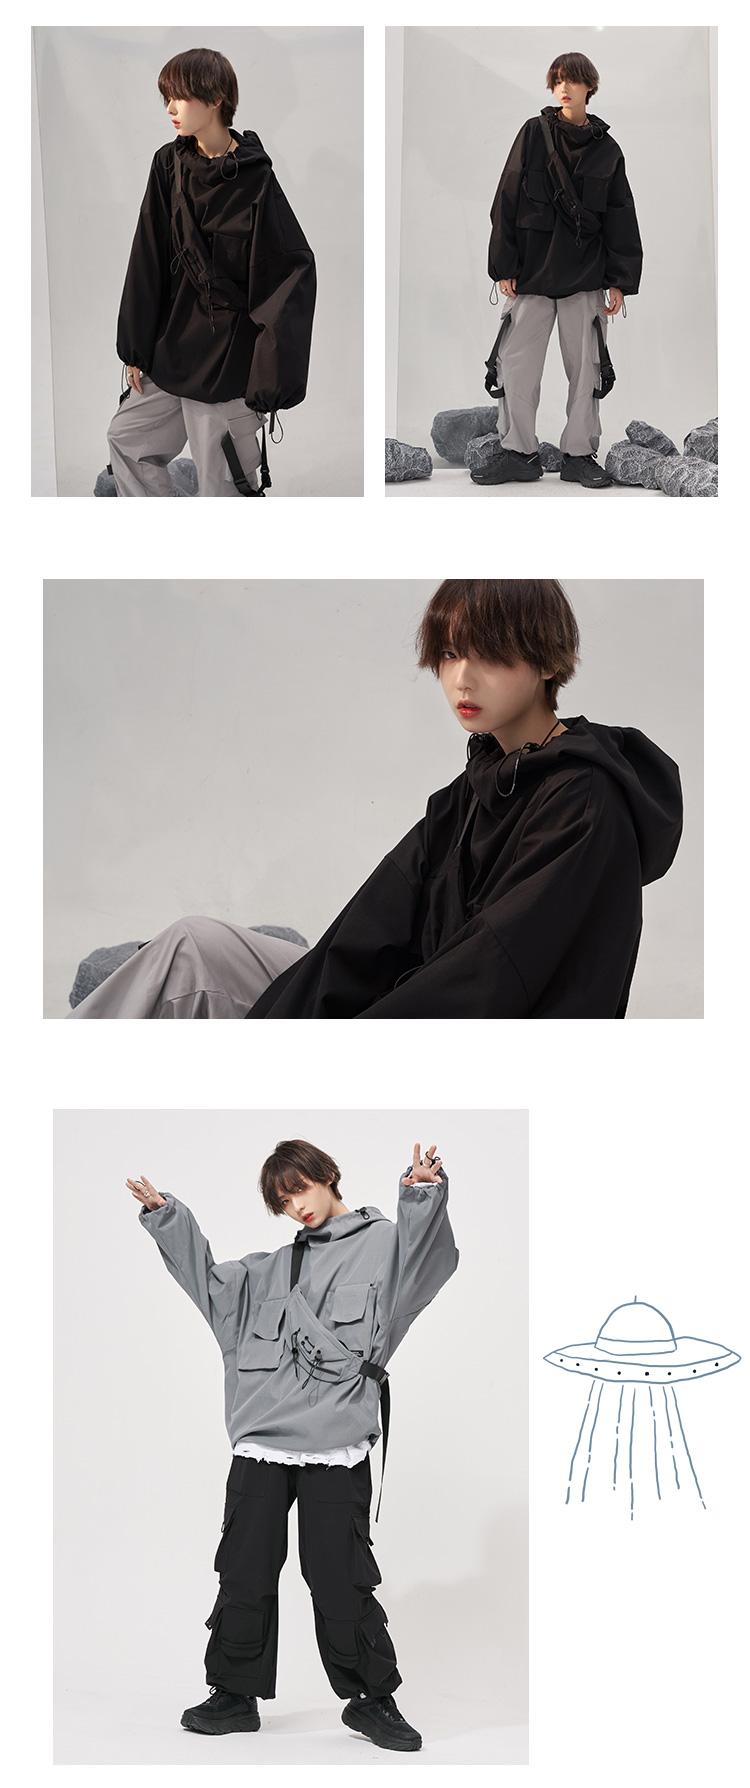 万有引力博物馆盐系卫衣女年秋季新款宽鬆套头上衣风外套详细照片